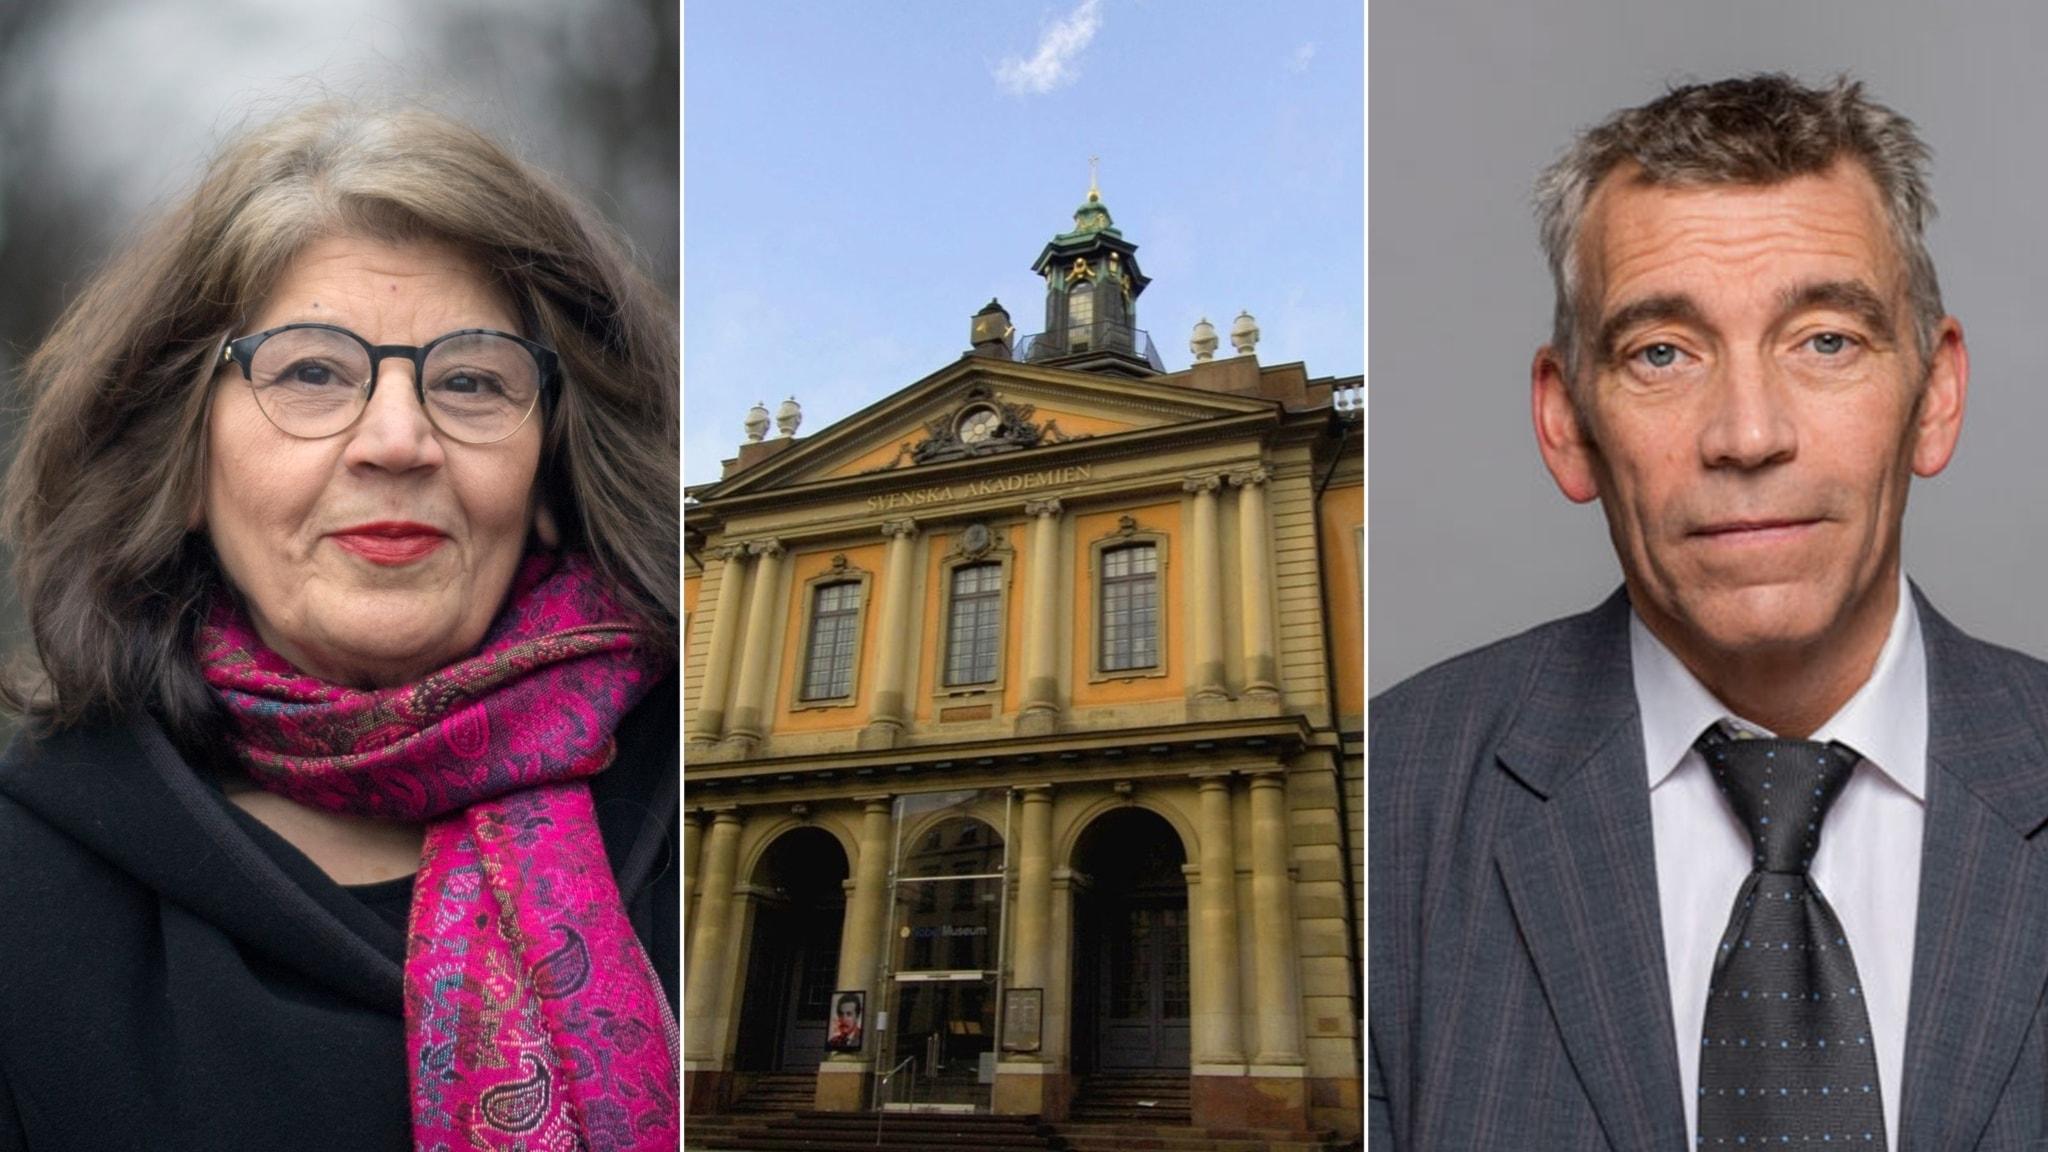 Nobela a?tiyê bû para Nadia Murad û Dennis Mukwege. Eric M Runesson û Jila Mossaed bûn endamên Akademiya Swêdî.